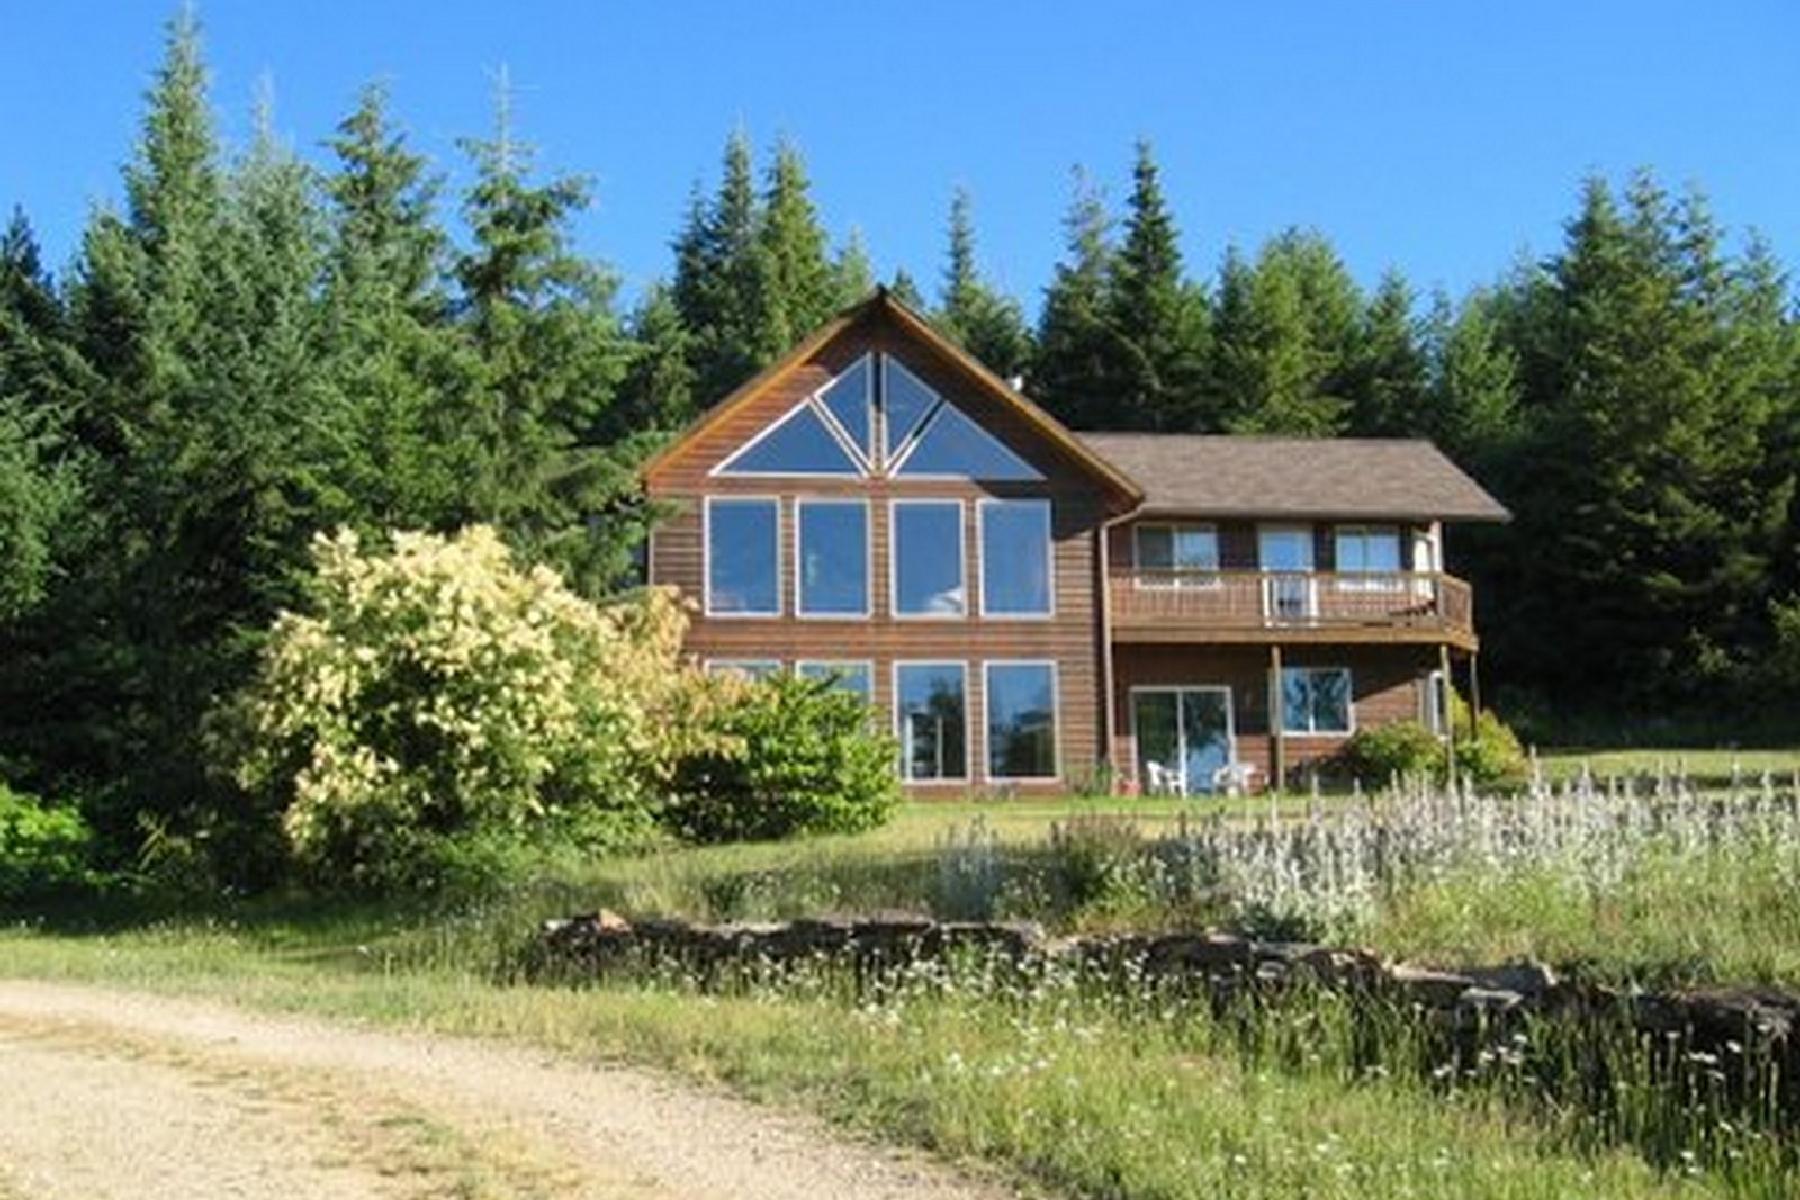 단독 가정 주택 용 매매 에 Acreage and Privacy with Lake Cd'A View 4190 E EAGLES MERE RD Harrison, 아이다호 83833 미국